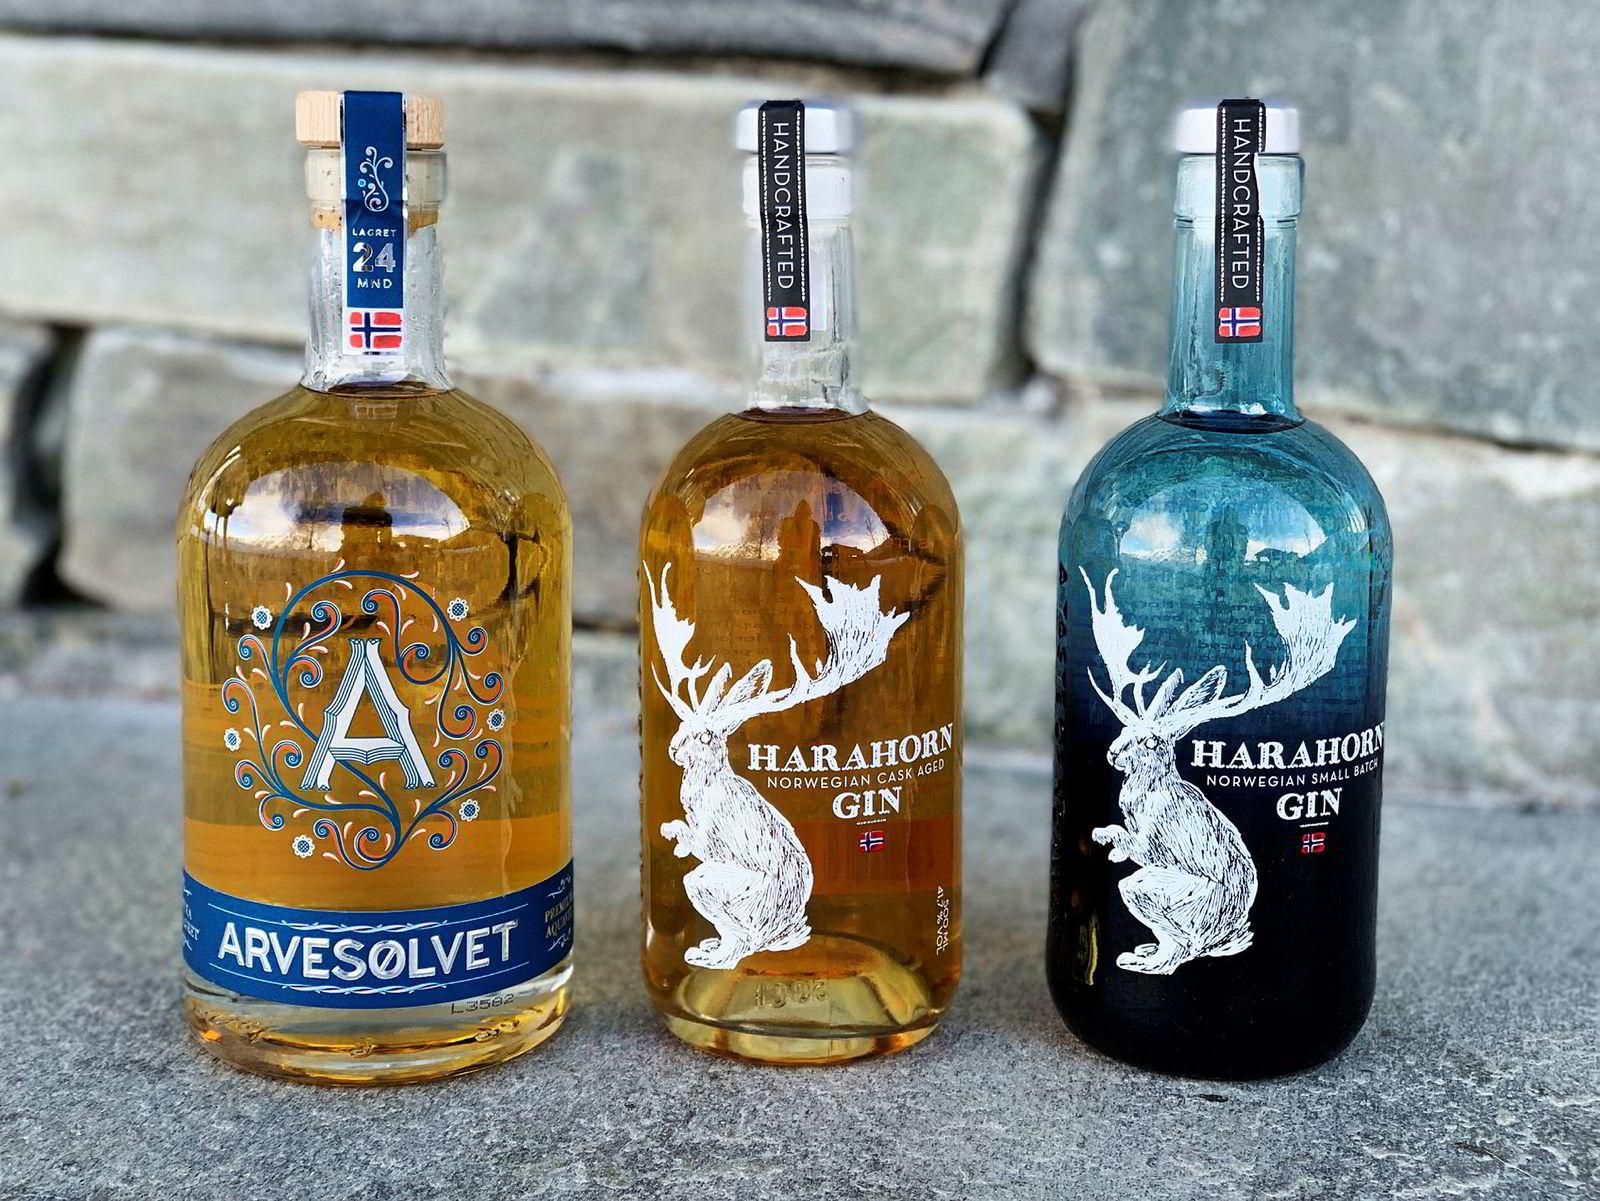 Gullvinnerne fra Det norske brenneri; Arvesølvet fatlagret akevitt, Harahorn fatlagret gin og Harahorn gin.